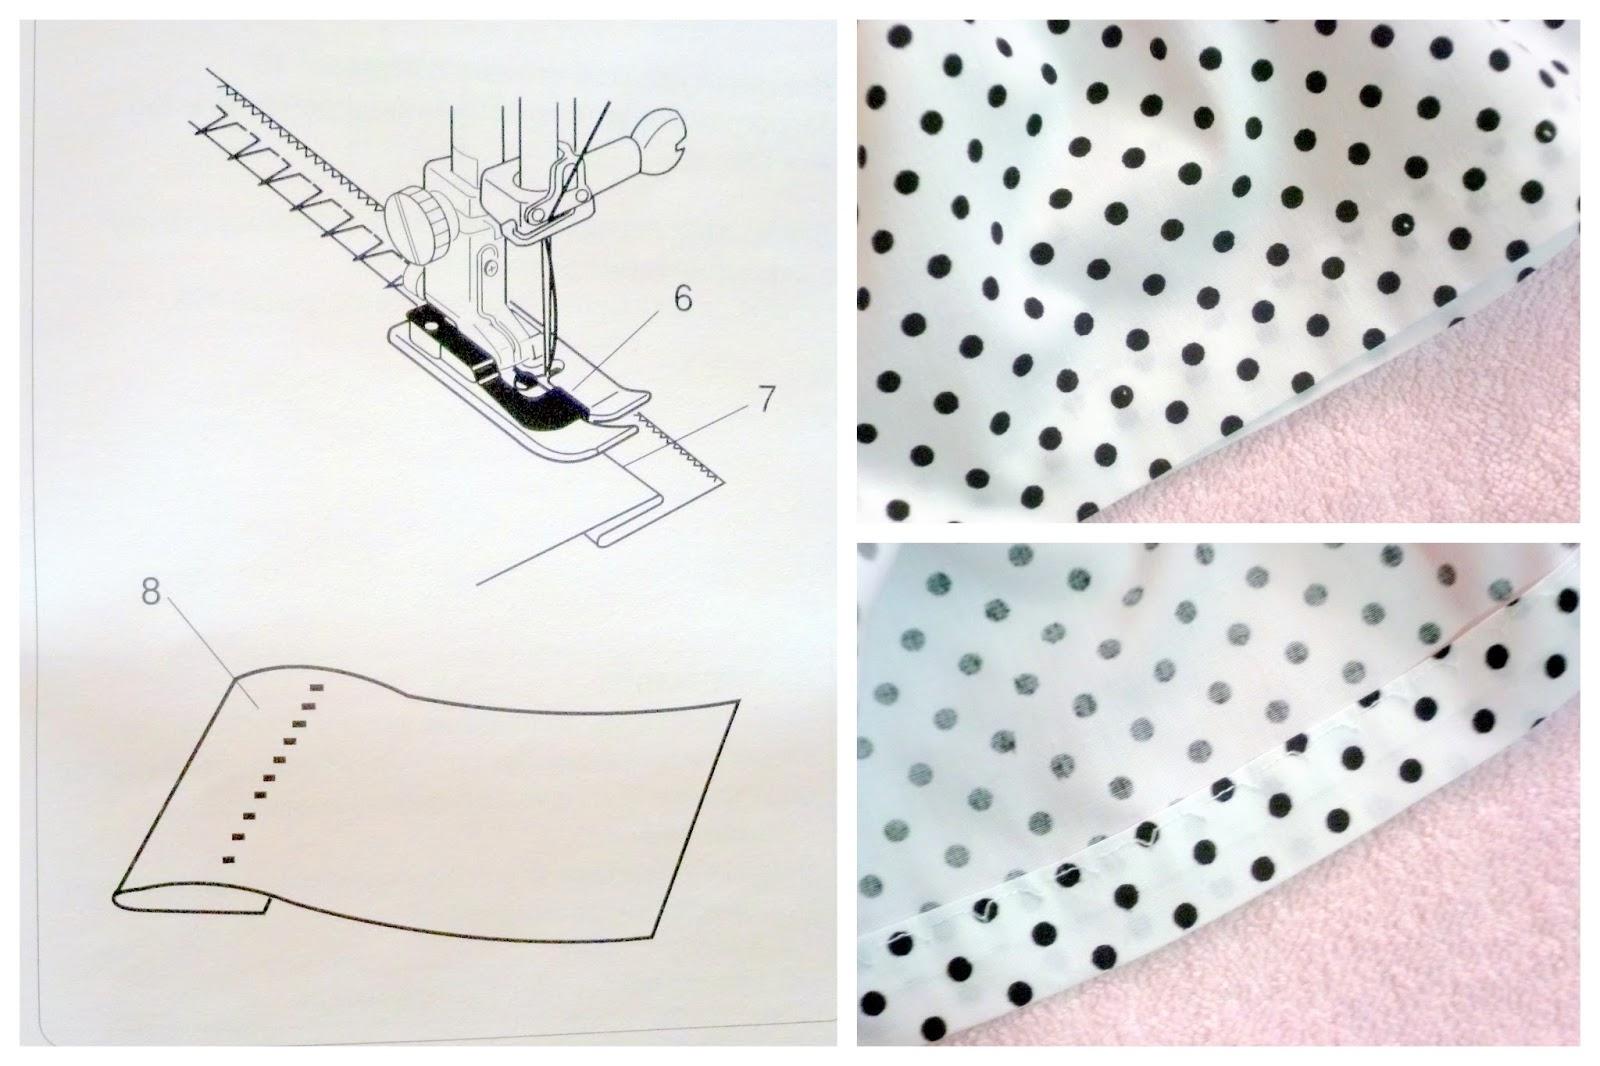 Как сделать потайной шов специальной лапкой